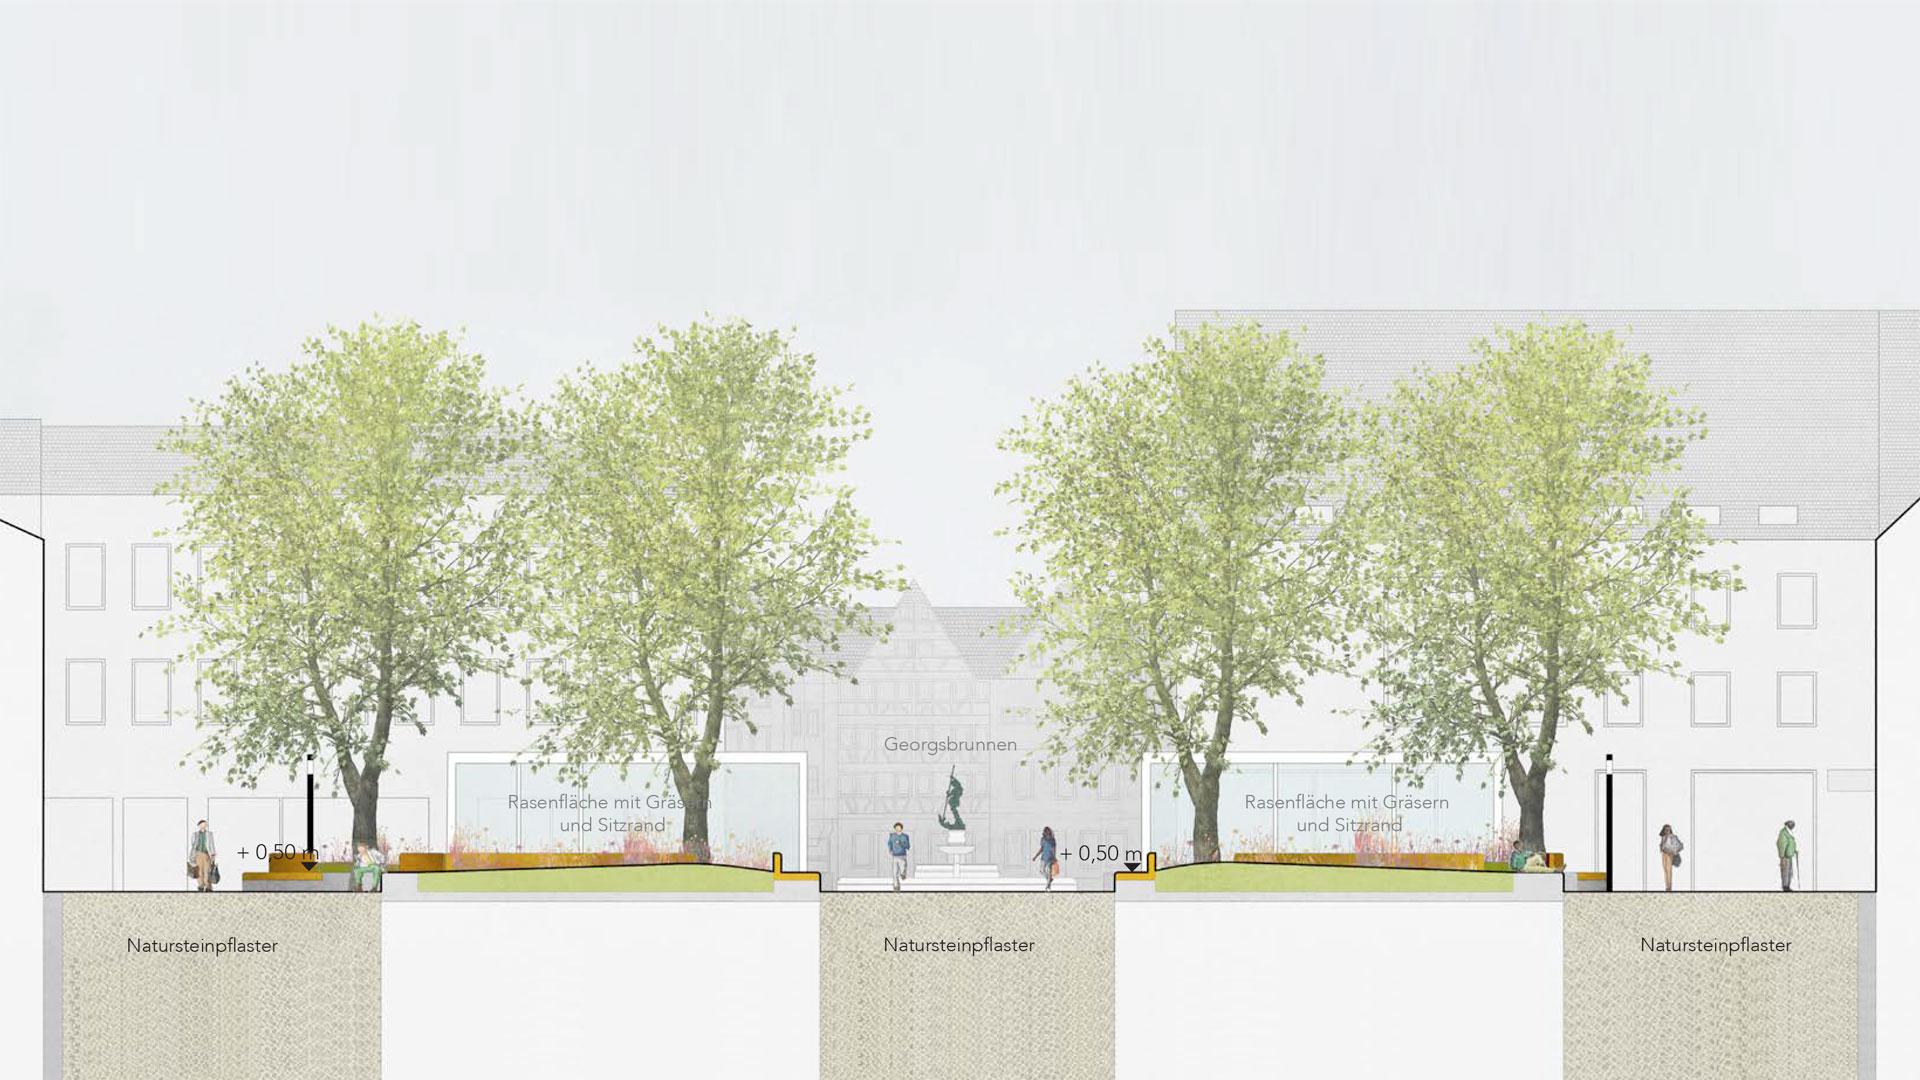 Querschnitt des Entwurfs von GTL Michael Triebswetter. Grafik: GTL Michael Triebswetter Landschaftsarchitekt. © Stadt Limburg